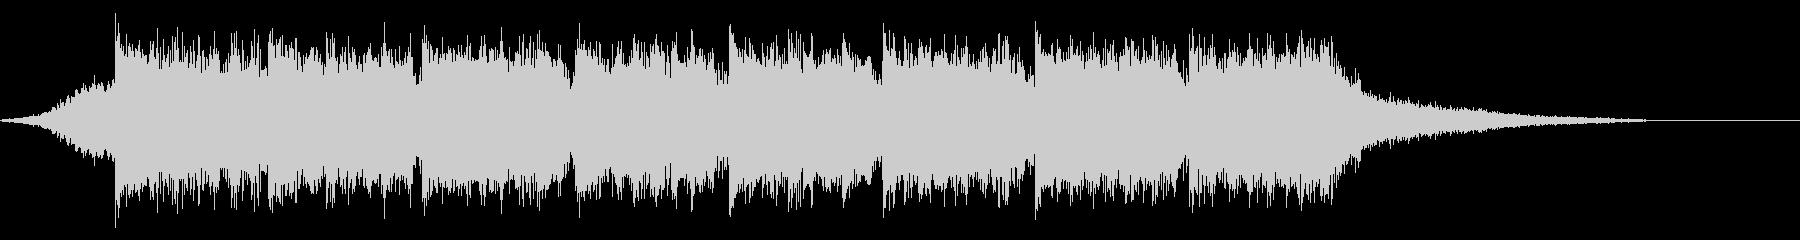 企業VP映像、118オーケストラ、爽快cの未再生の波形